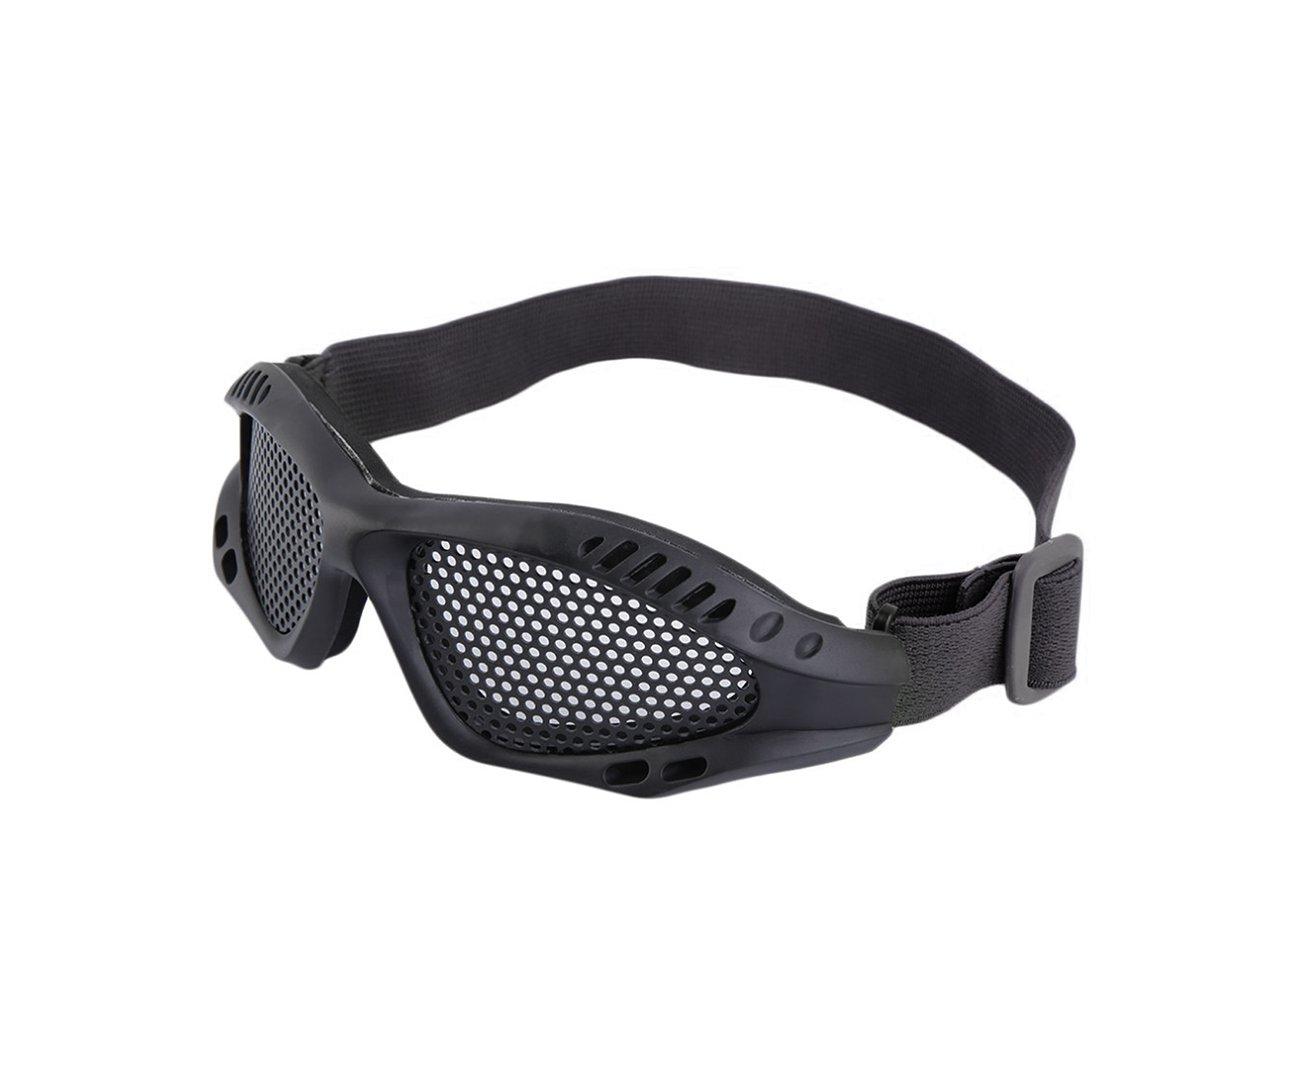 Oculos De Proteção Airsoft Com Tela - Actionx